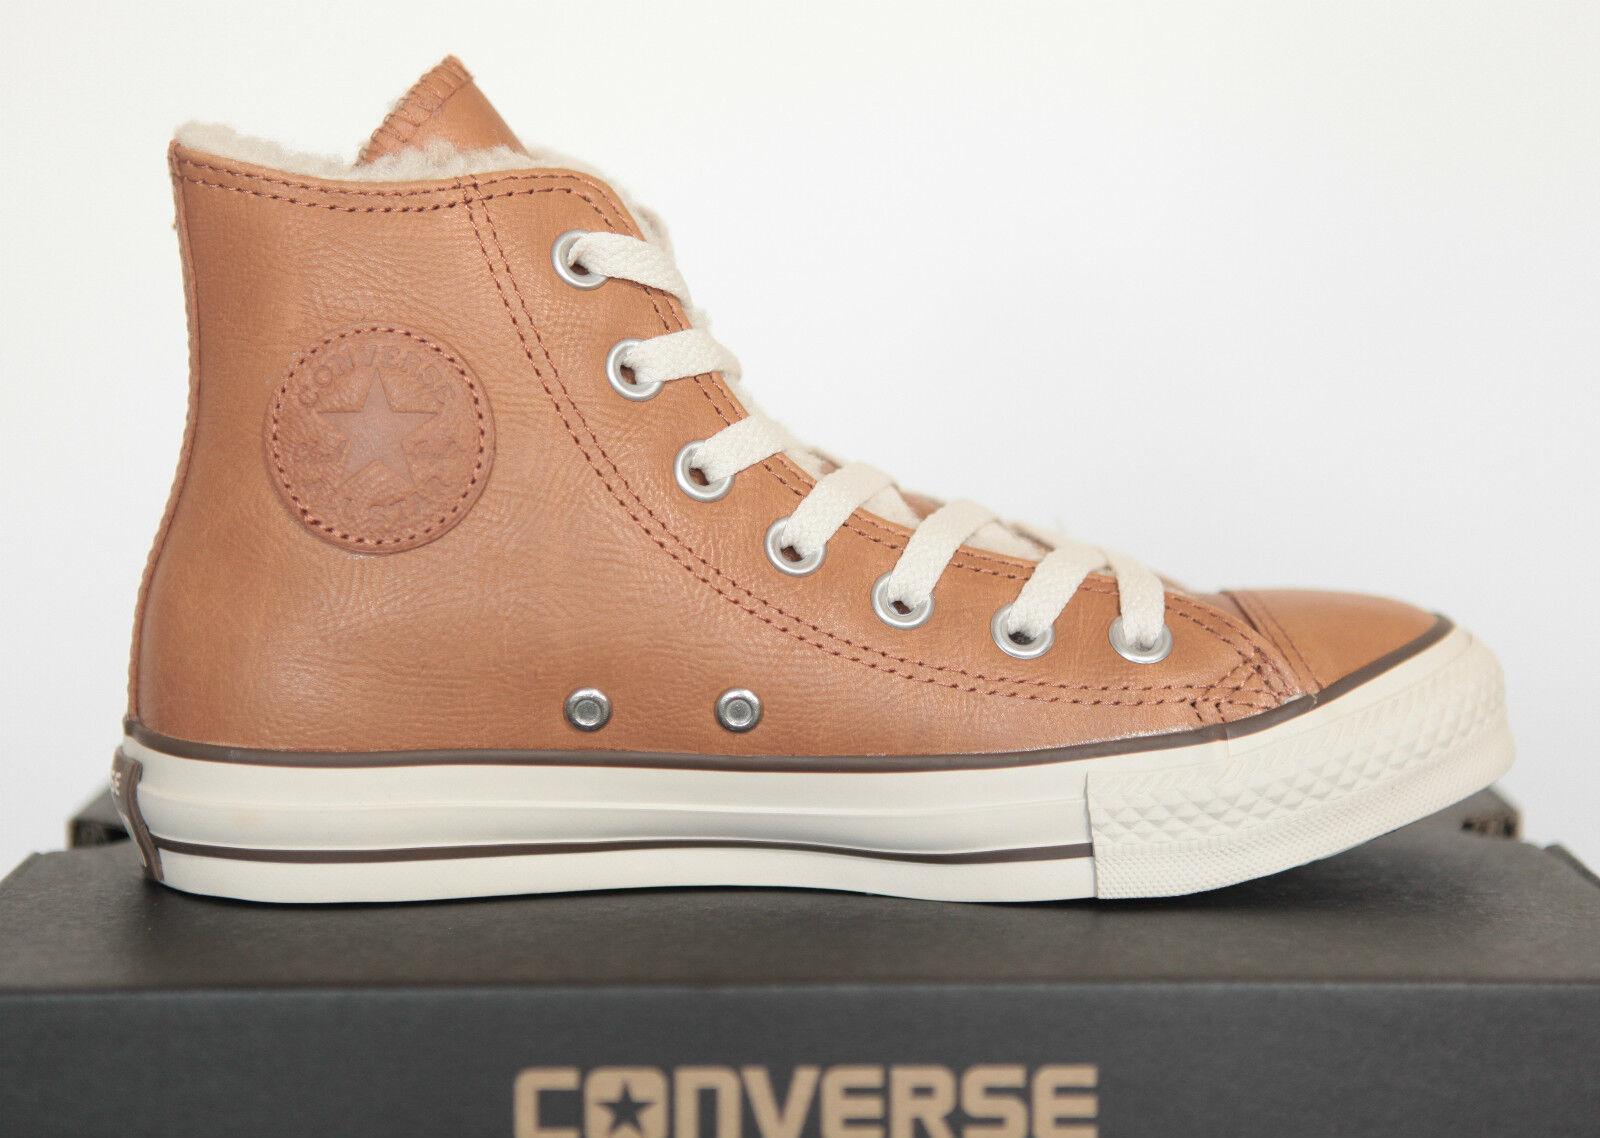 Neu All Star Converse Chucks Hi gefüttert Leder Sneaker High Top 132128c Gr.36,5